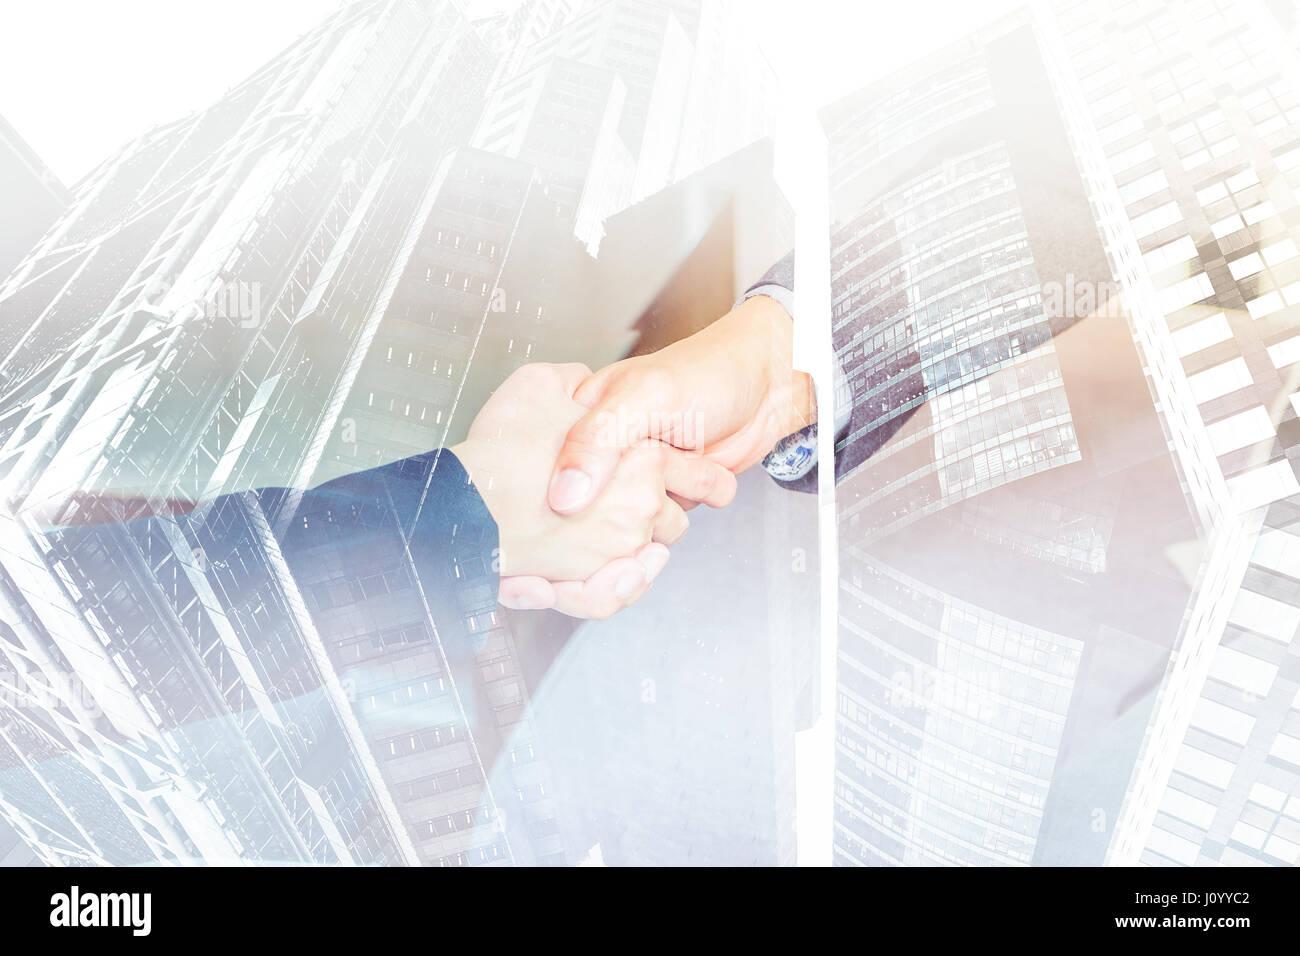 Doppelbelichtung von Close, Geschäftsfrau und Geschäftsmann Handshake mit Stadtbild Gebäude, Business Stockbild